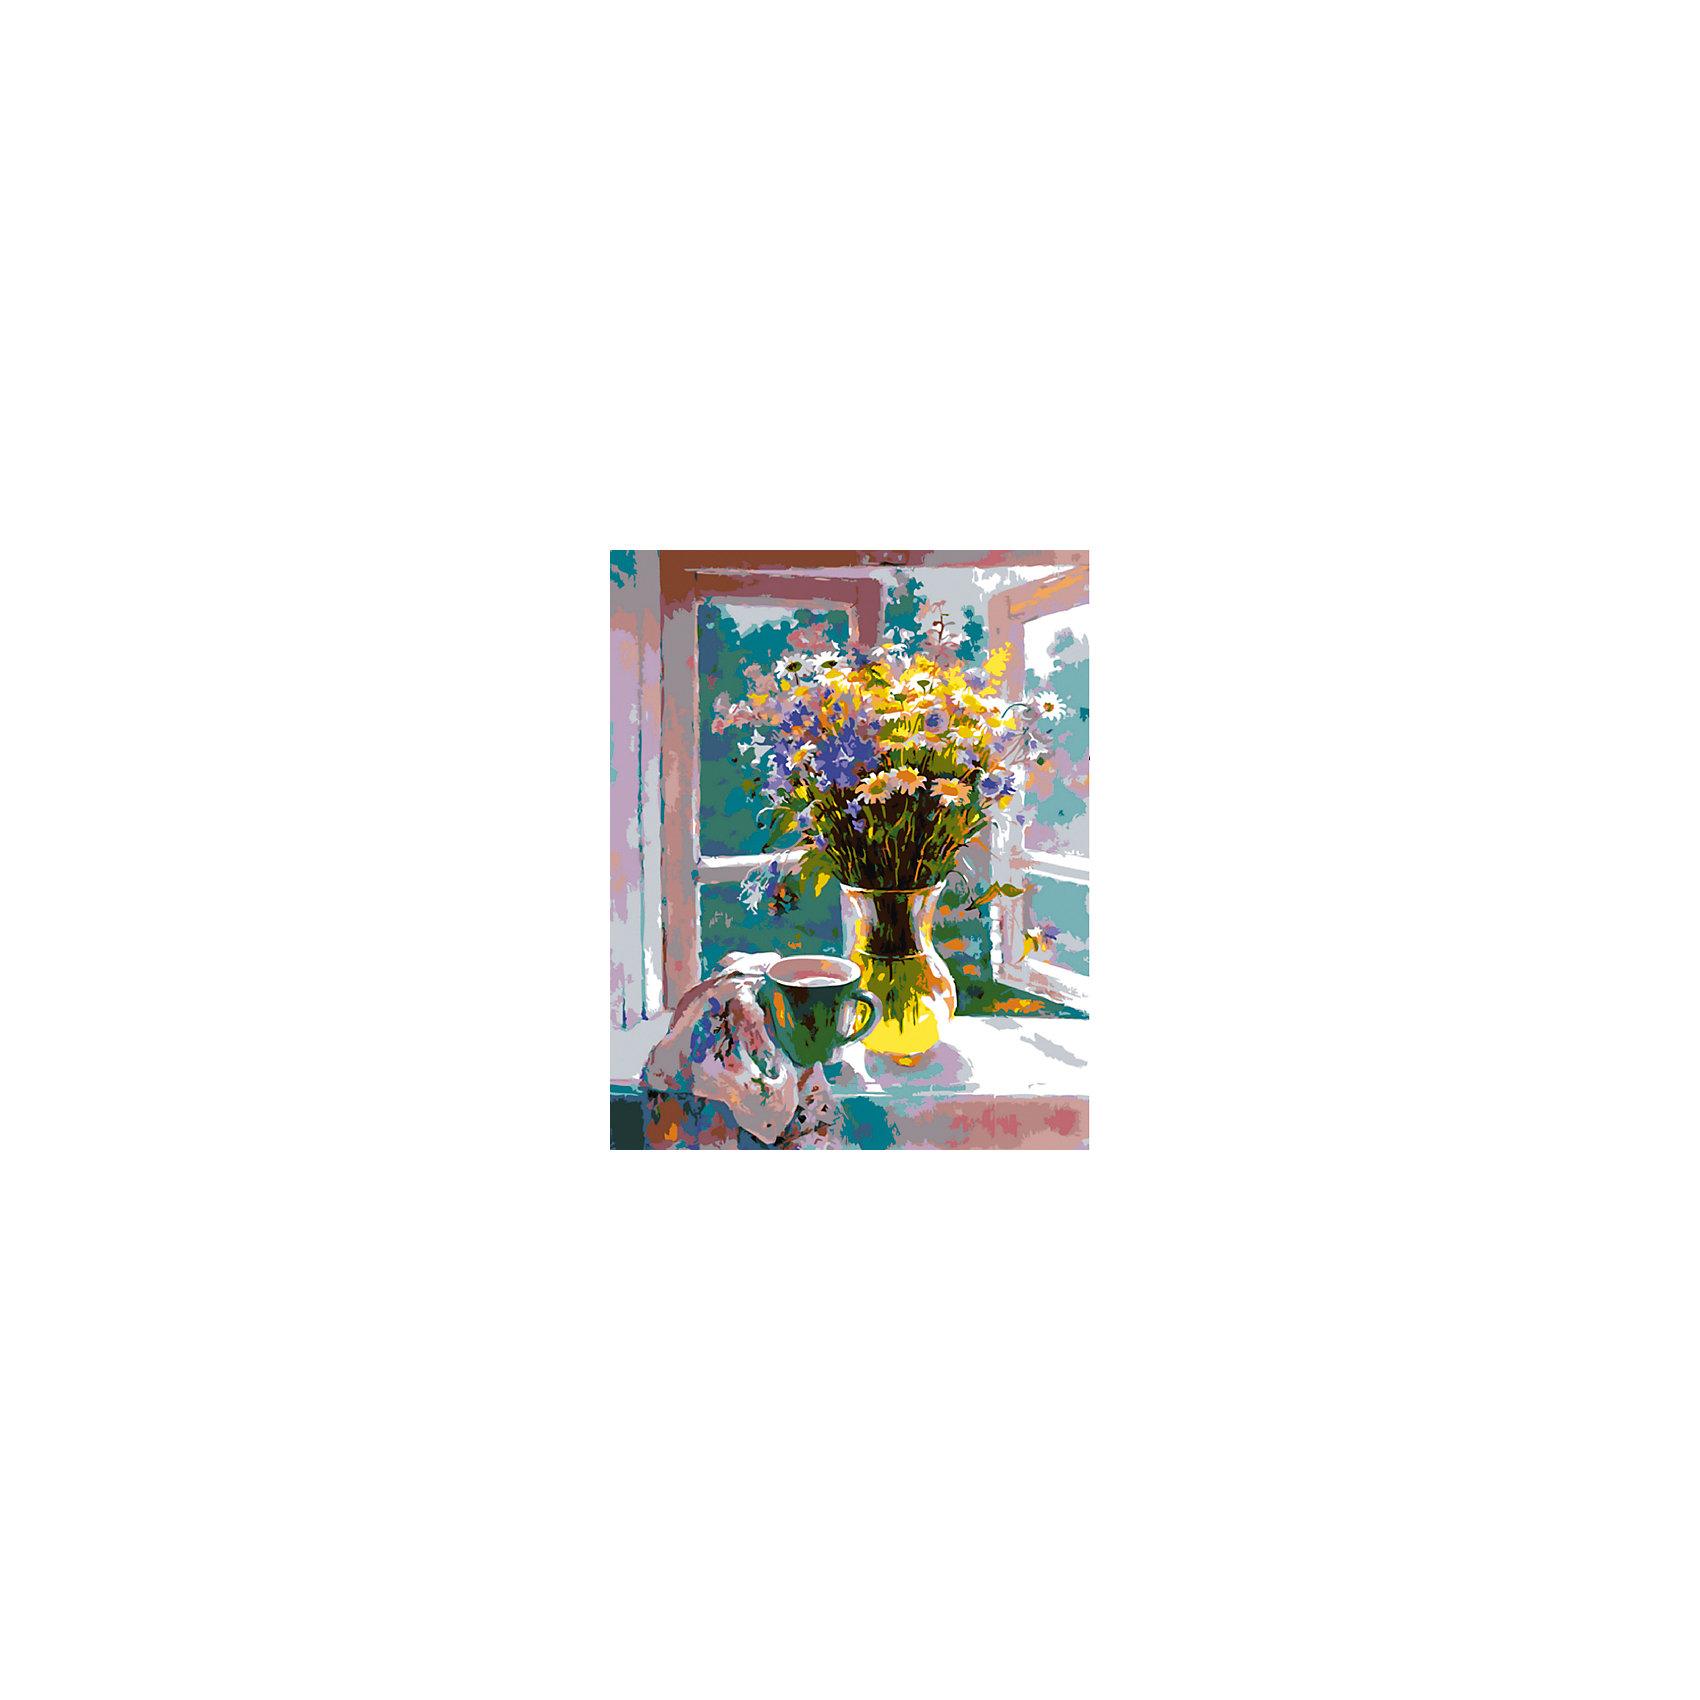 Холст с красками по номерам Букет у окна 40х50 смРаскраски по номерам<br>замечательные наборы для создания уникального шедевра изобразительного искусства. Создание картин на специально подготовленной рабочей поверхности – это уникальная техника, позволяющая делать Ваши шедевры более яркими и реалистичными. Просто нанесите мазки на уже готовый эскиз и оживите картину! Готовые изделия могут стать украшением интерьера или прекрасным подарком близким и друзьям.<br><br>Ширина мм: 510<br>Глубина мм: 410<br>Высота мм: 25<br>Вес г: 900<br>Возраст от месяцев: 36<br>Возраст до месяцев: 108<br>Пол: Унисекс<br>Возраст: Детский<br>SKU: 5096752